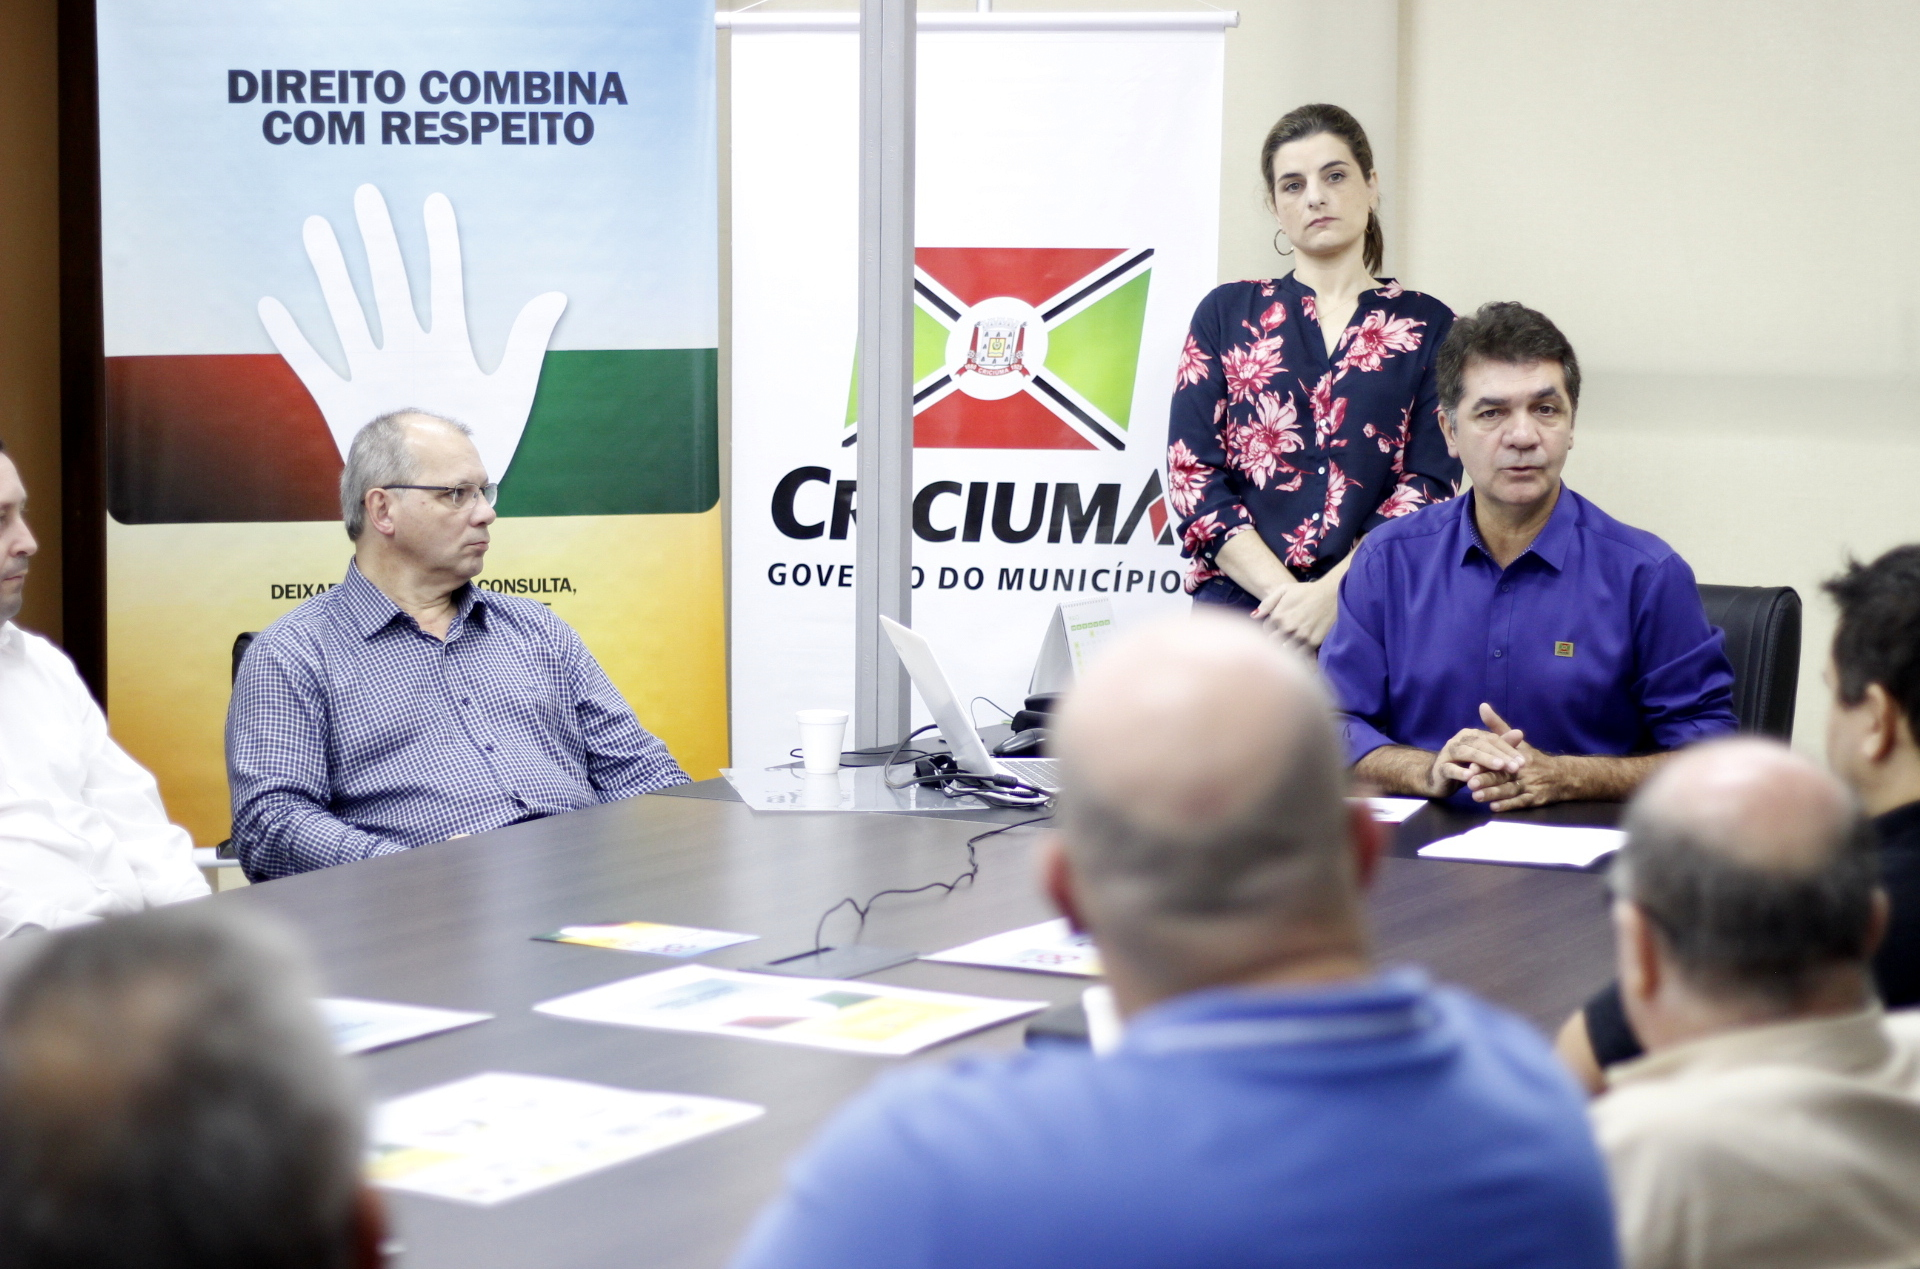 Prefeitura Municipal de Criciúma - Governo de Criciúma trabalha para diminuir filas de espera no SUS